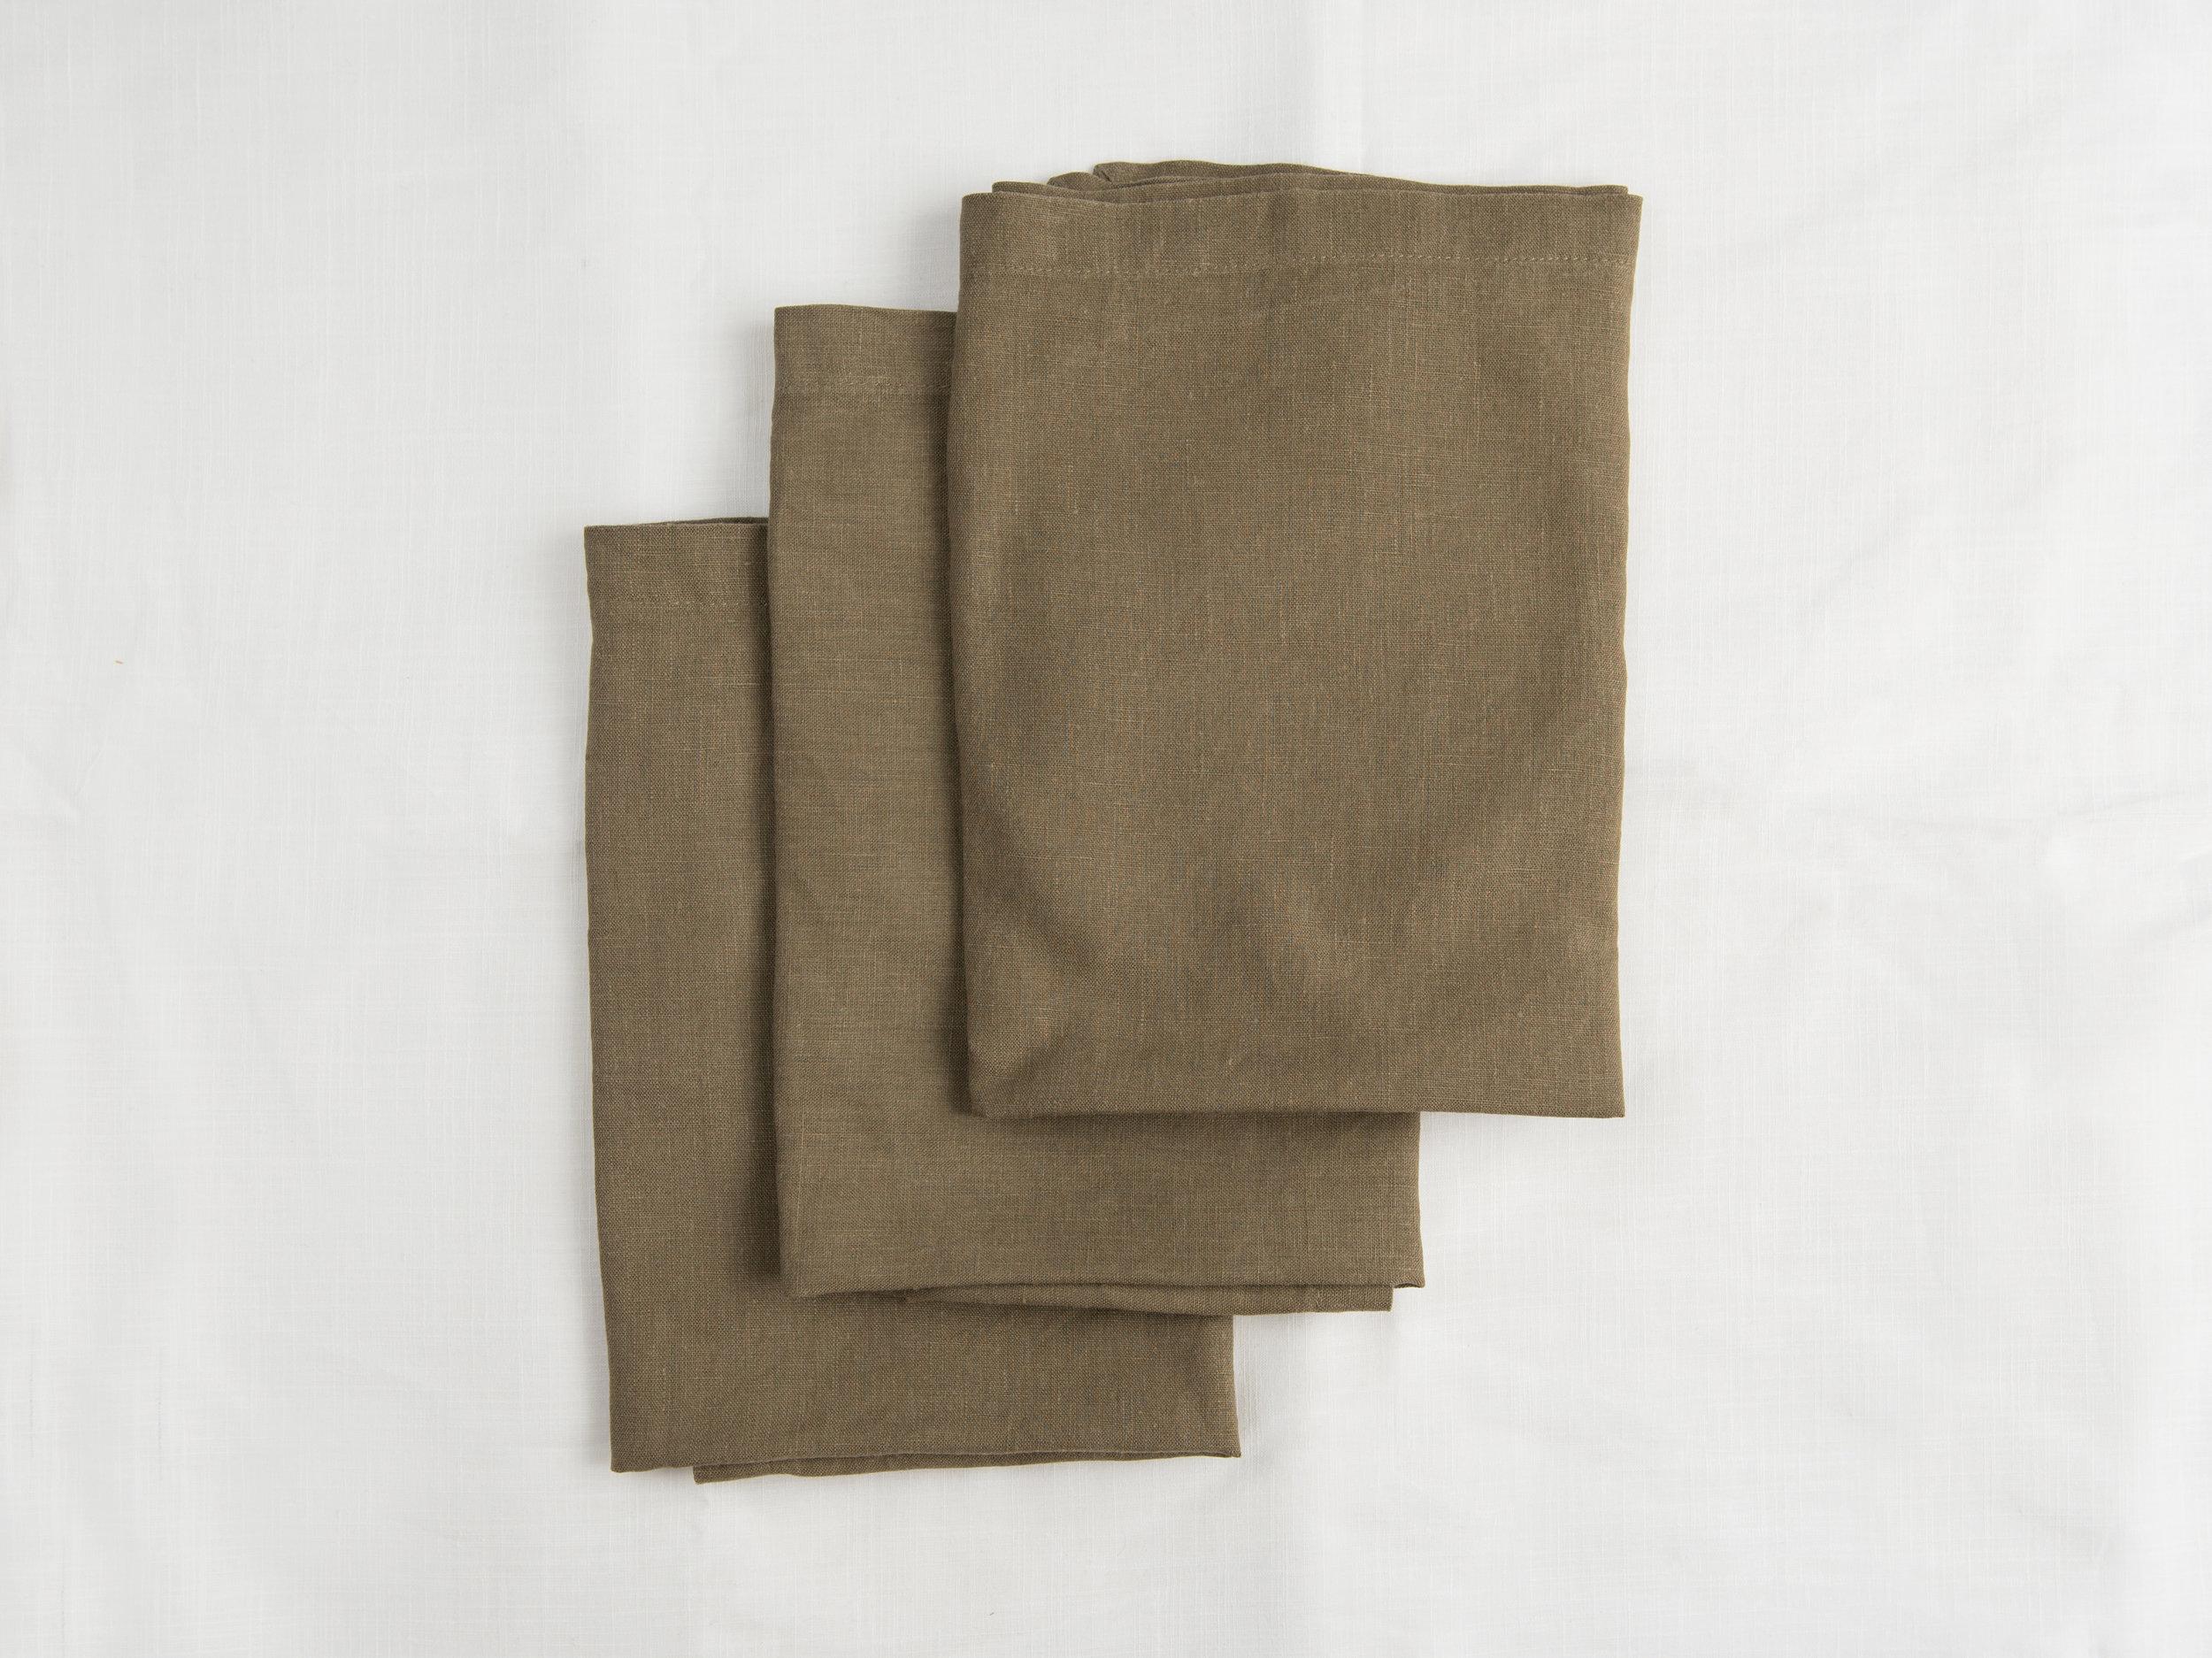 Linen Napkins - Khaki GV1_3346.jpg